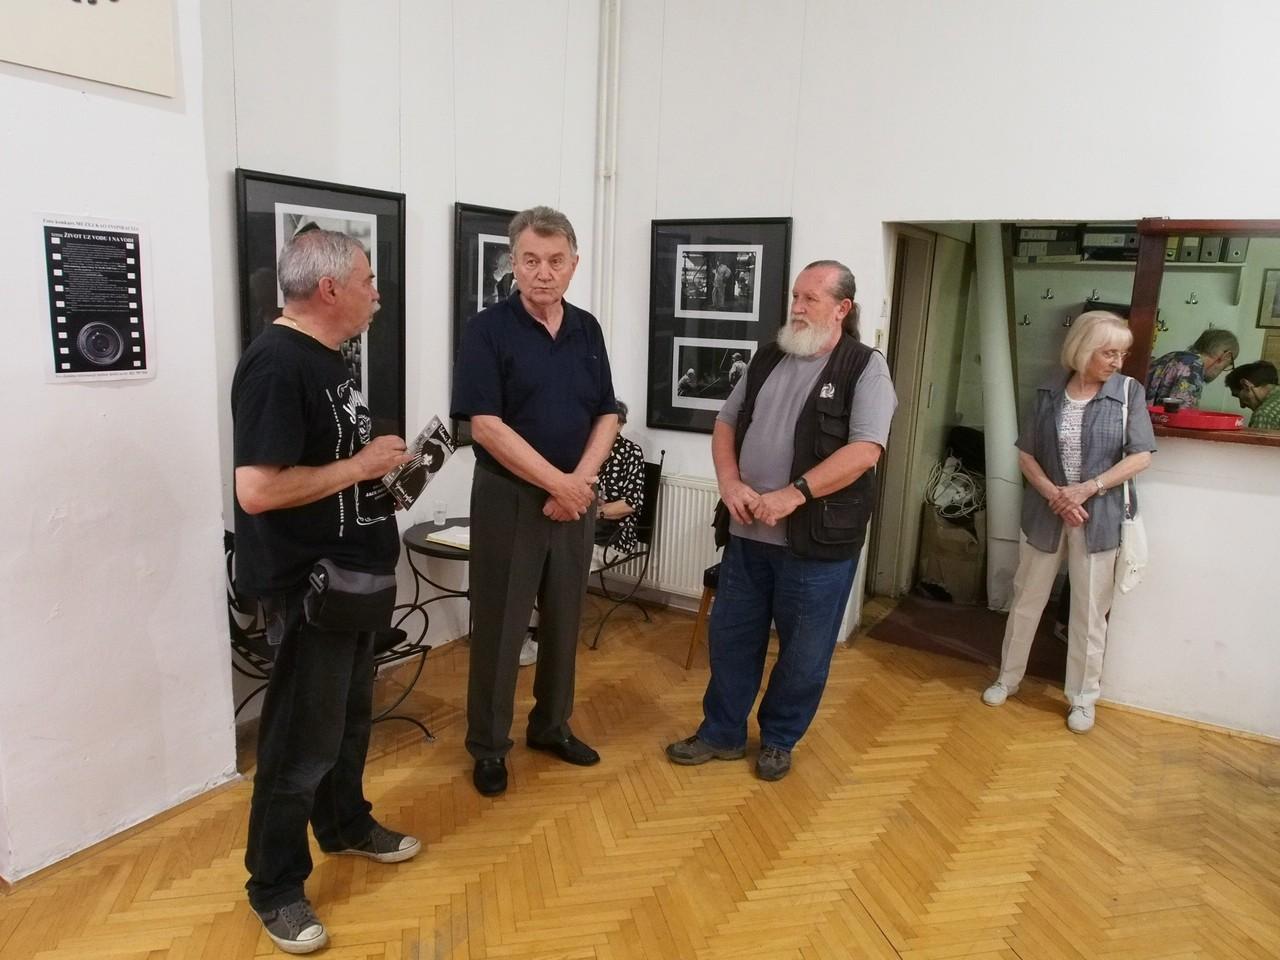 Rakjo R. Karsic belgrádi fotóművész egyéni kiállítása az újvidéki (Szerbia) FKVSV Galériában az Europai Fotográfiai Fesztivál keretén belül